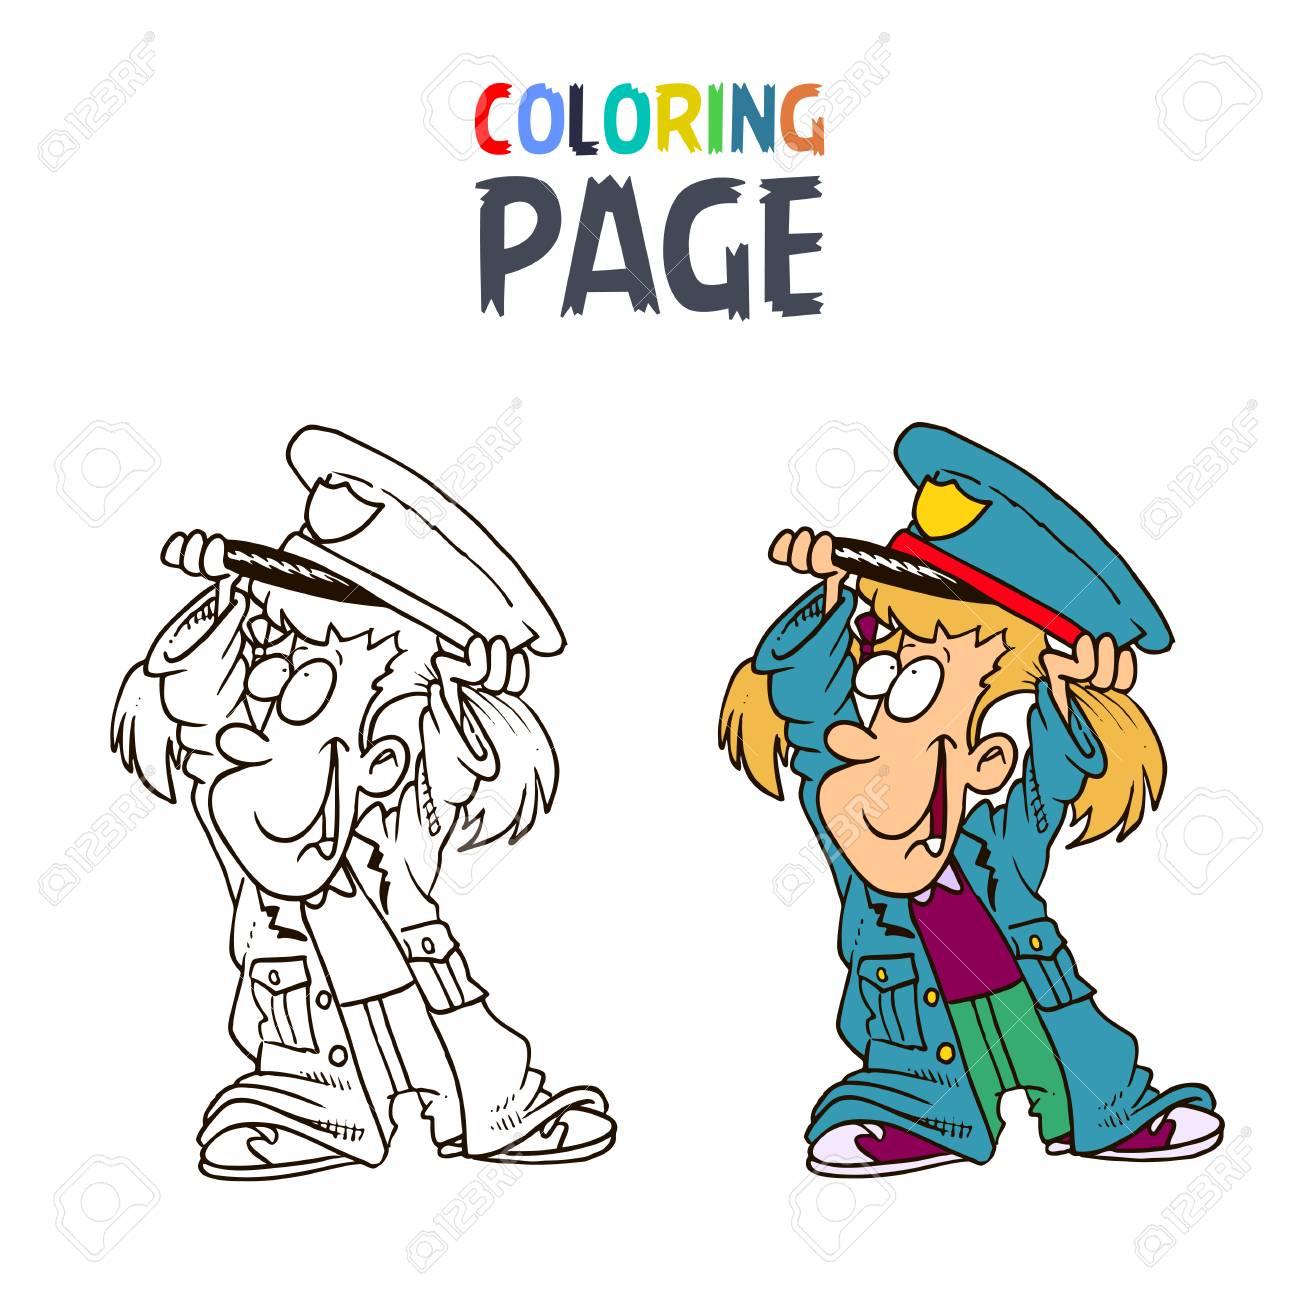 Malvorlagen Kleines Mädchen Mit Polizei Kleidung Cartoon